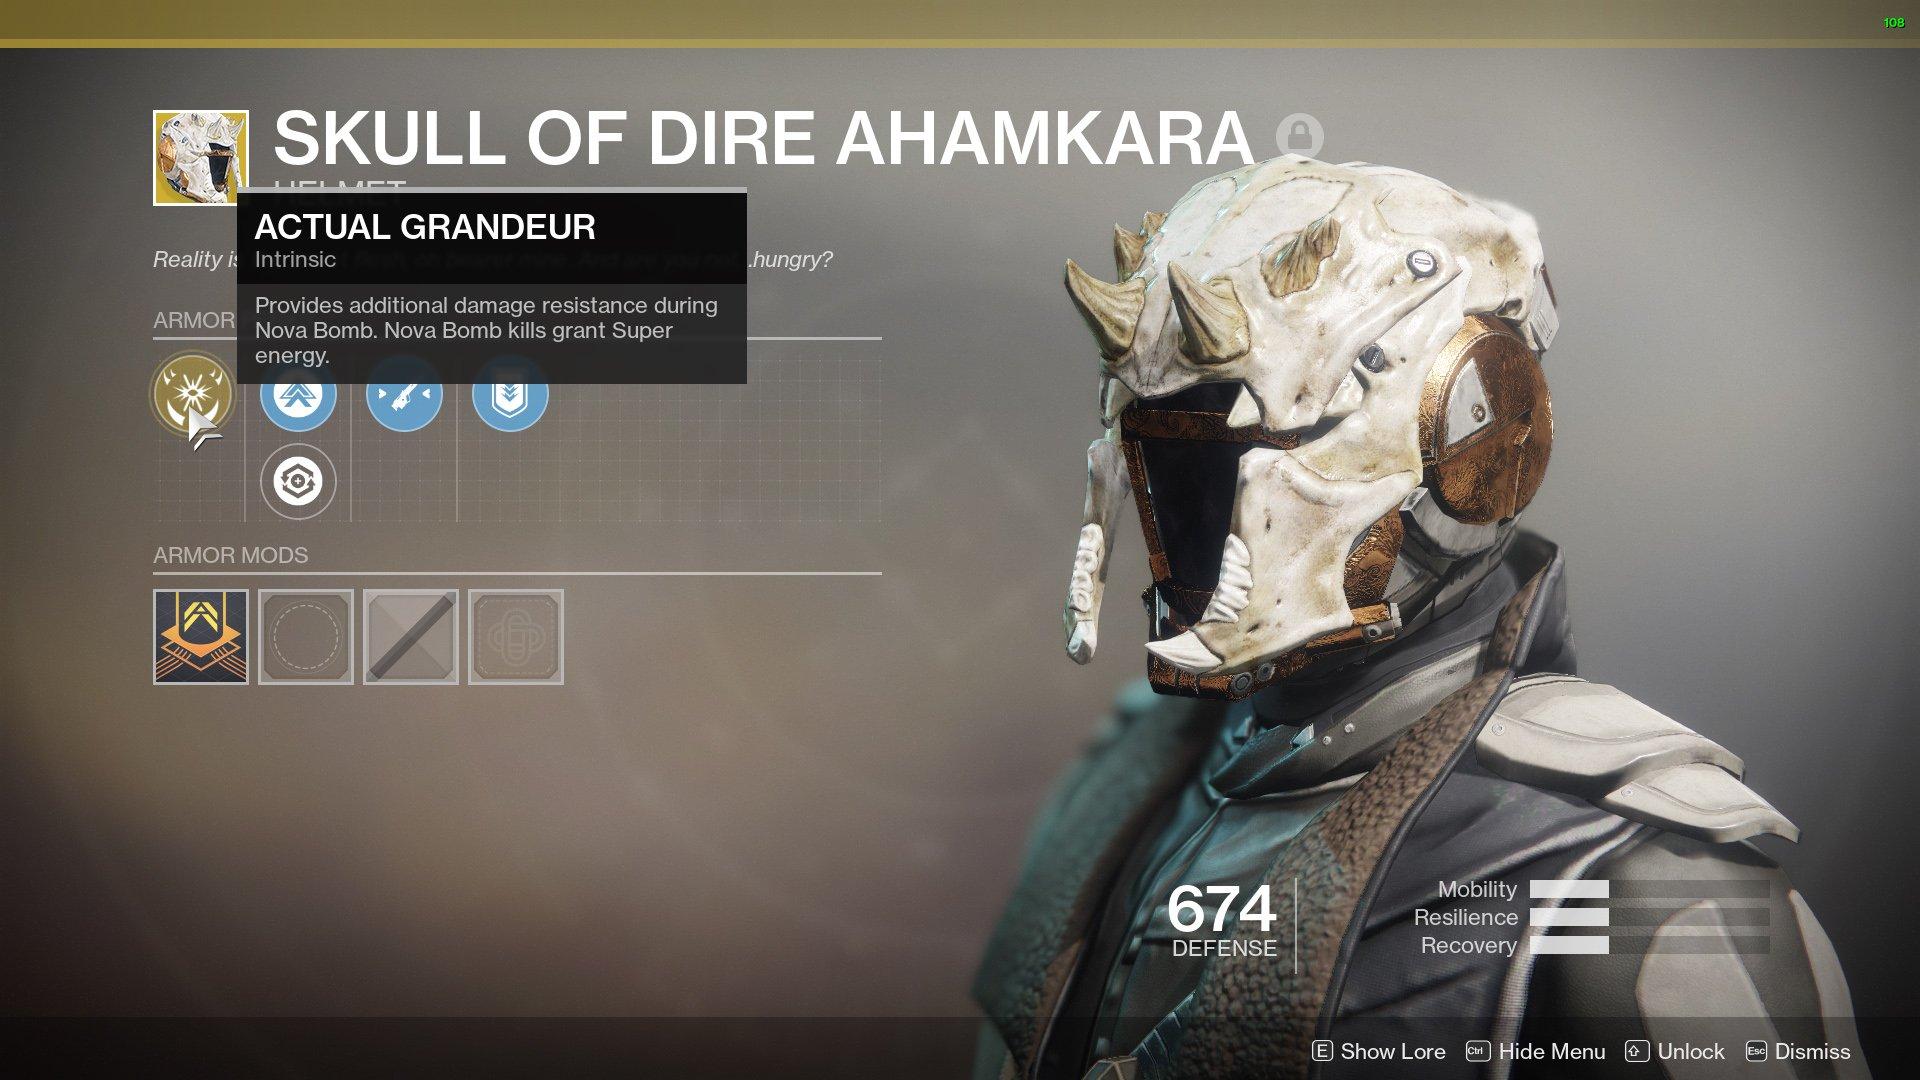 Destiny 2 Skull of Dire Ahamkara nerfs